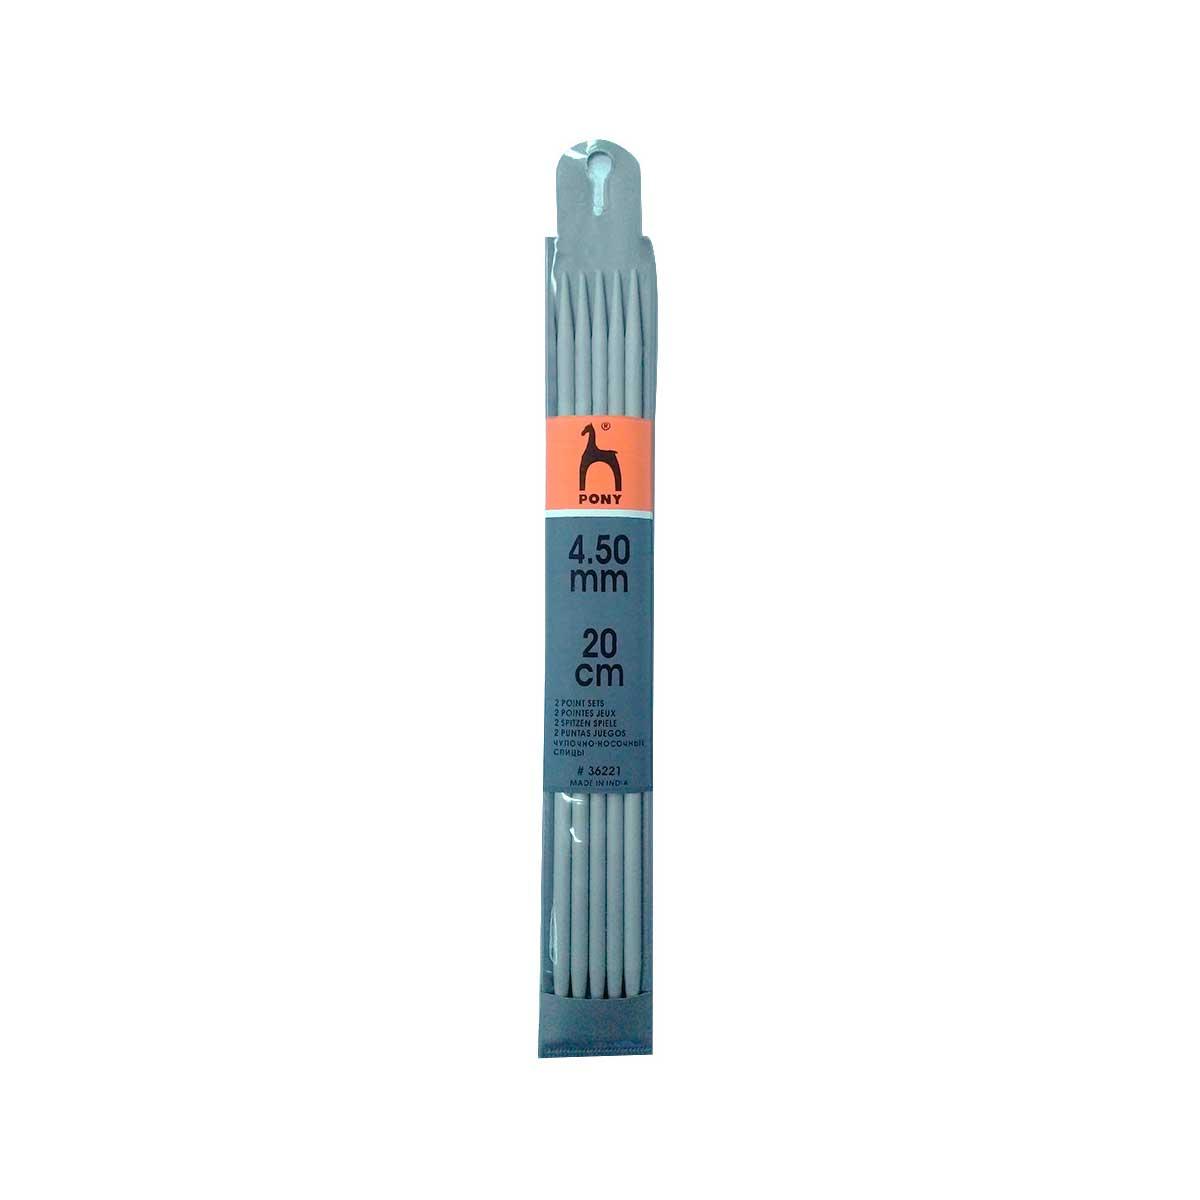 36221 Спицы чулочные 4,50 мм/ 20 см, алюминий, 5 шт PONY